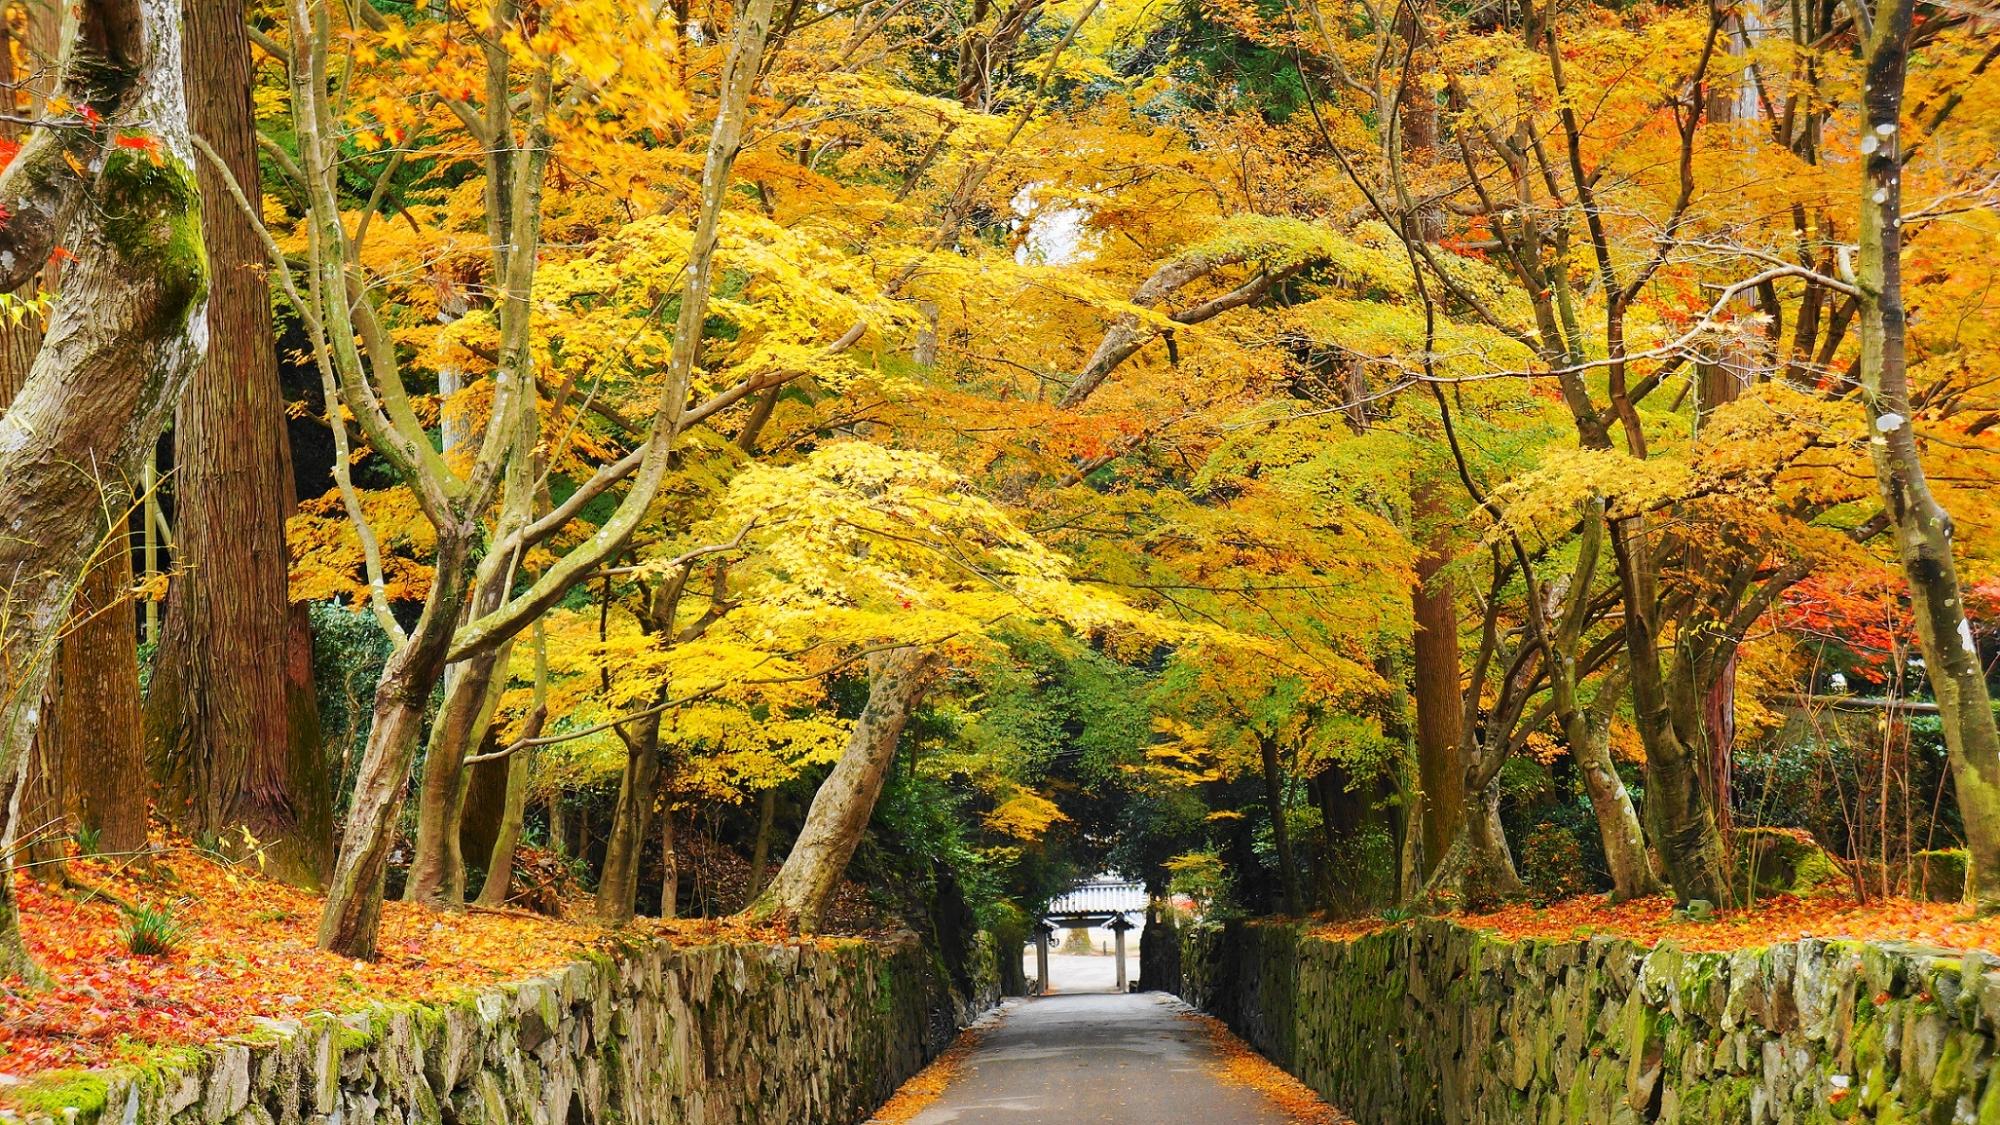 琴坂の華やかな紅葉のトンネル